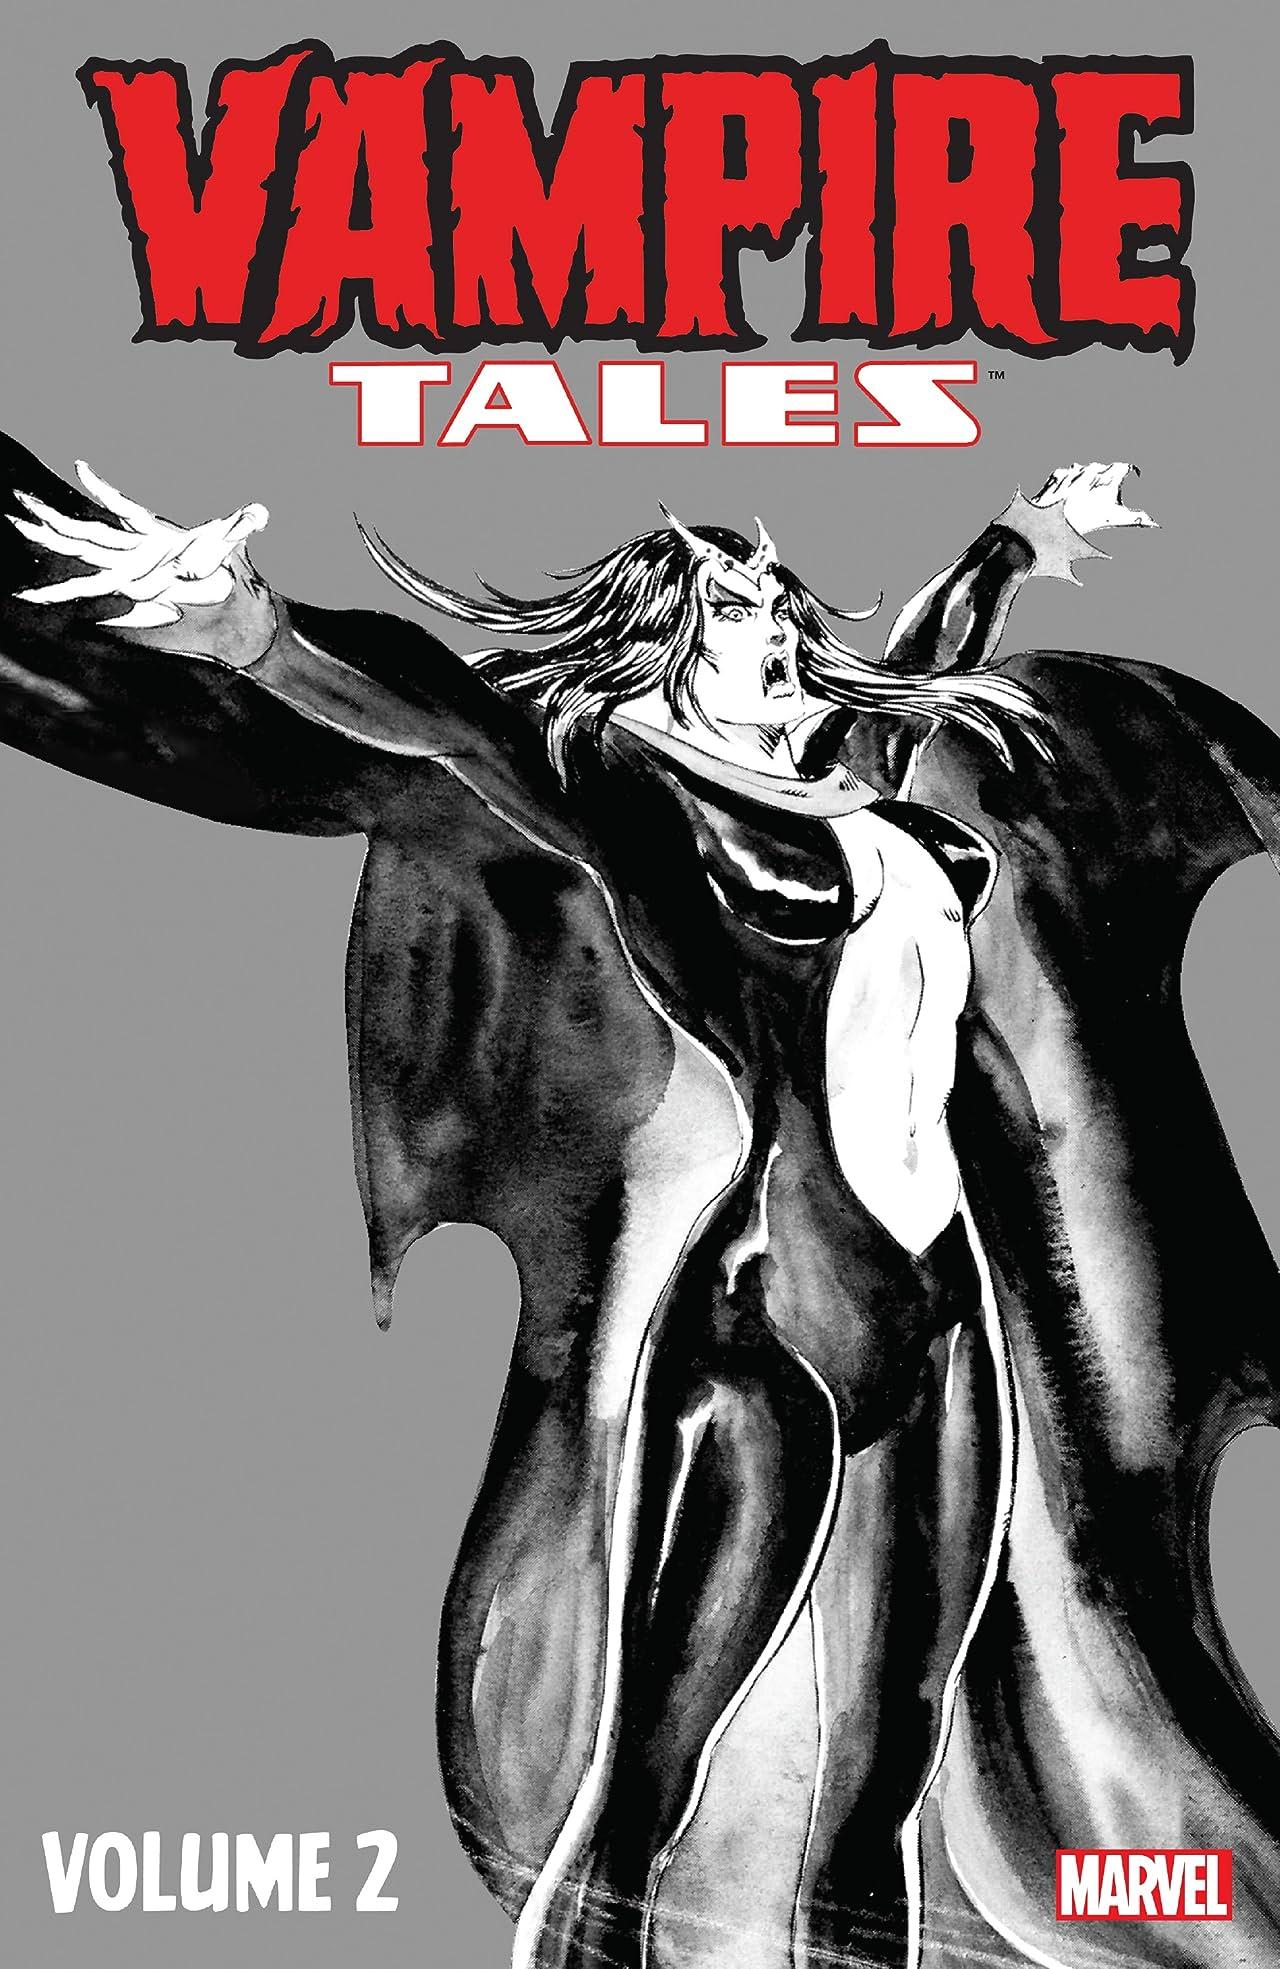 Vampire Tales Vol. 2